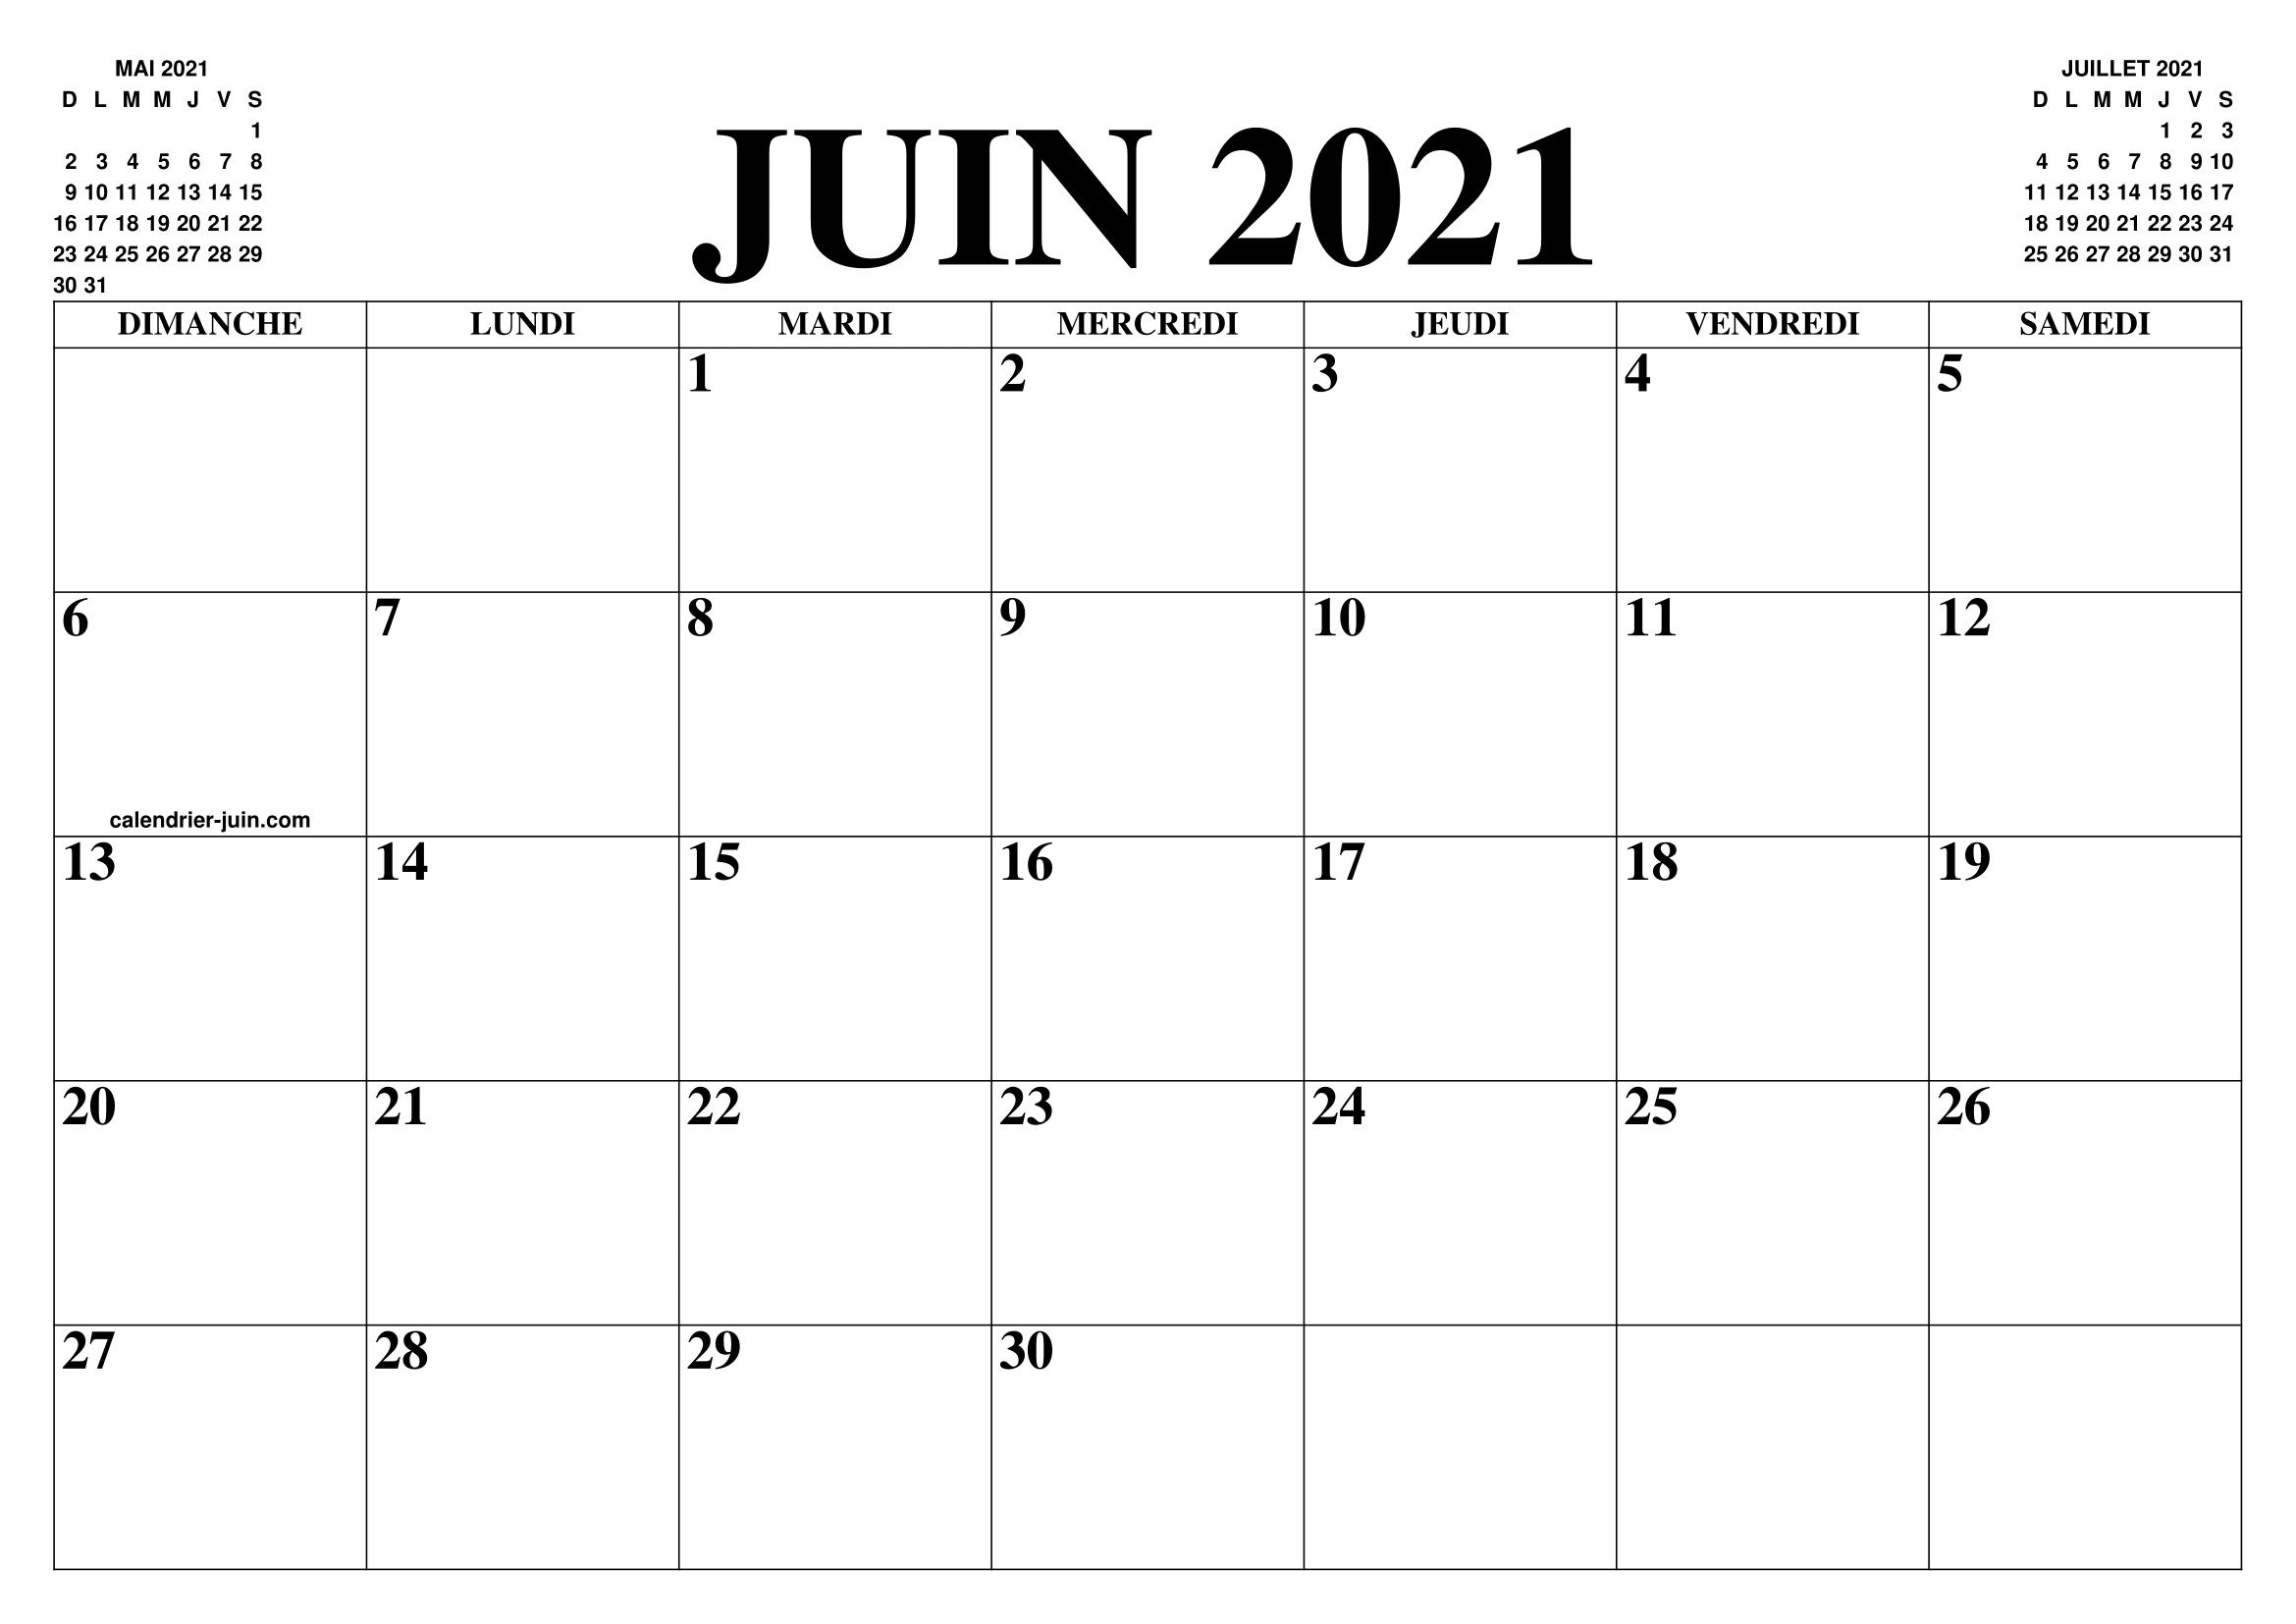 Juin 2021 Calendrier CALENDRIER JUIN 2021 : LE CALENDRIER DU MOIS DE JUIN GRATUIT A